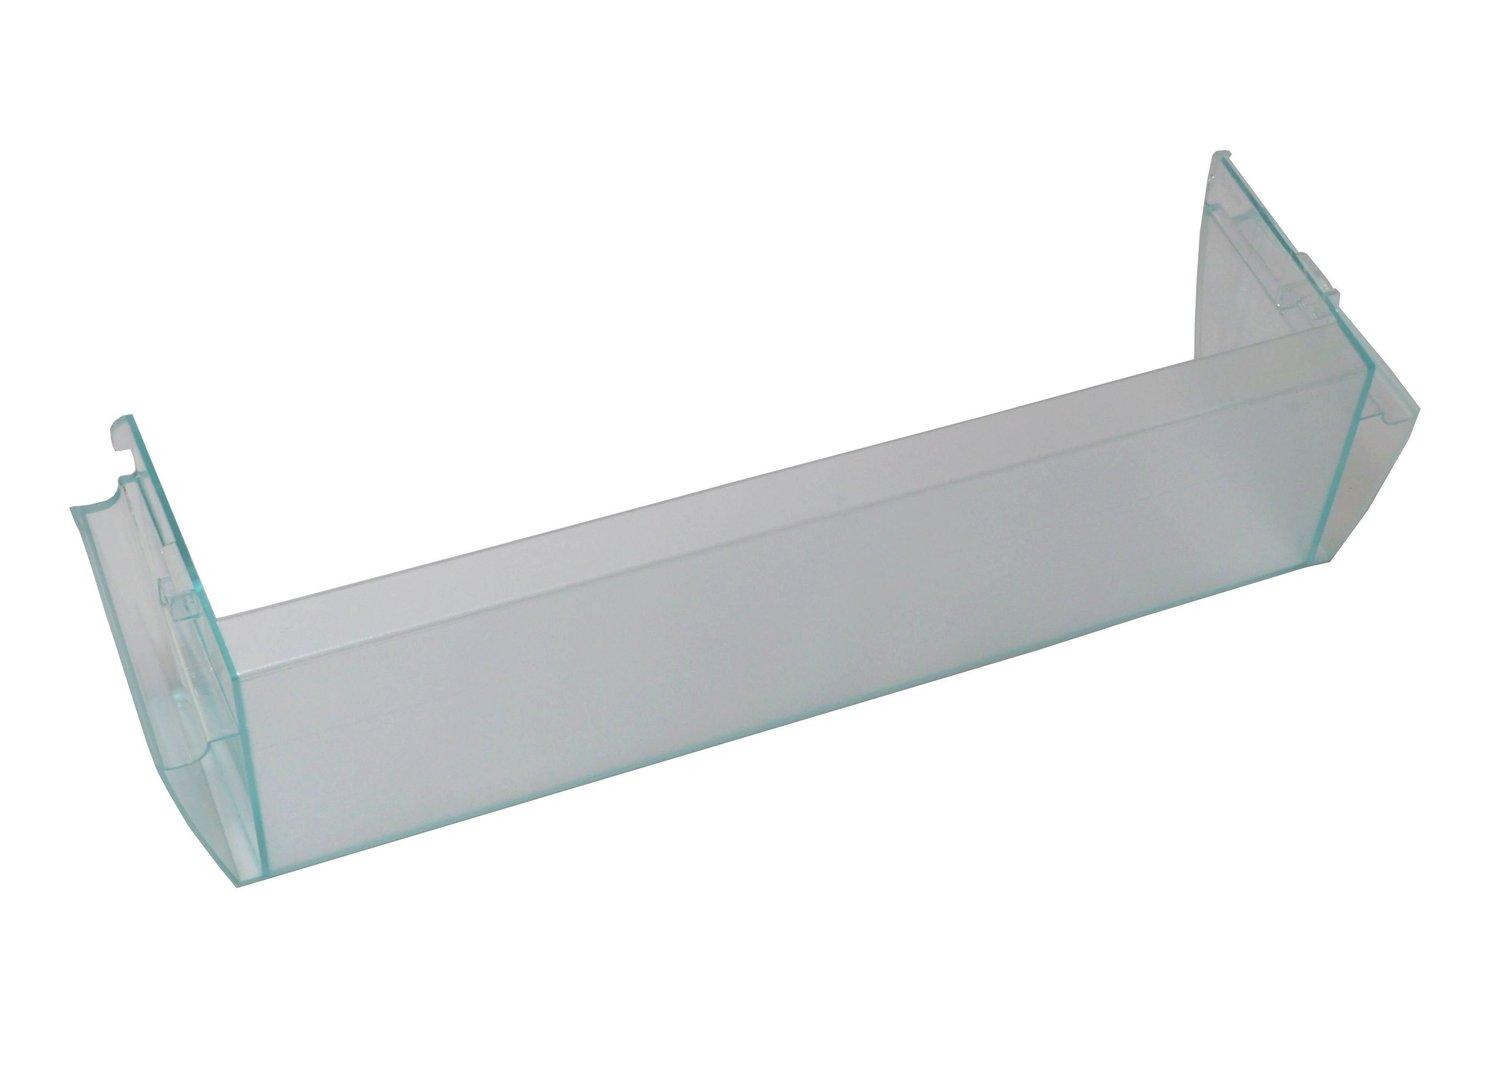 Gorenje Kühlschrank Ersatzteile Türfach : Ersatzteile kühlschrank vestfrost flaschenhalter für